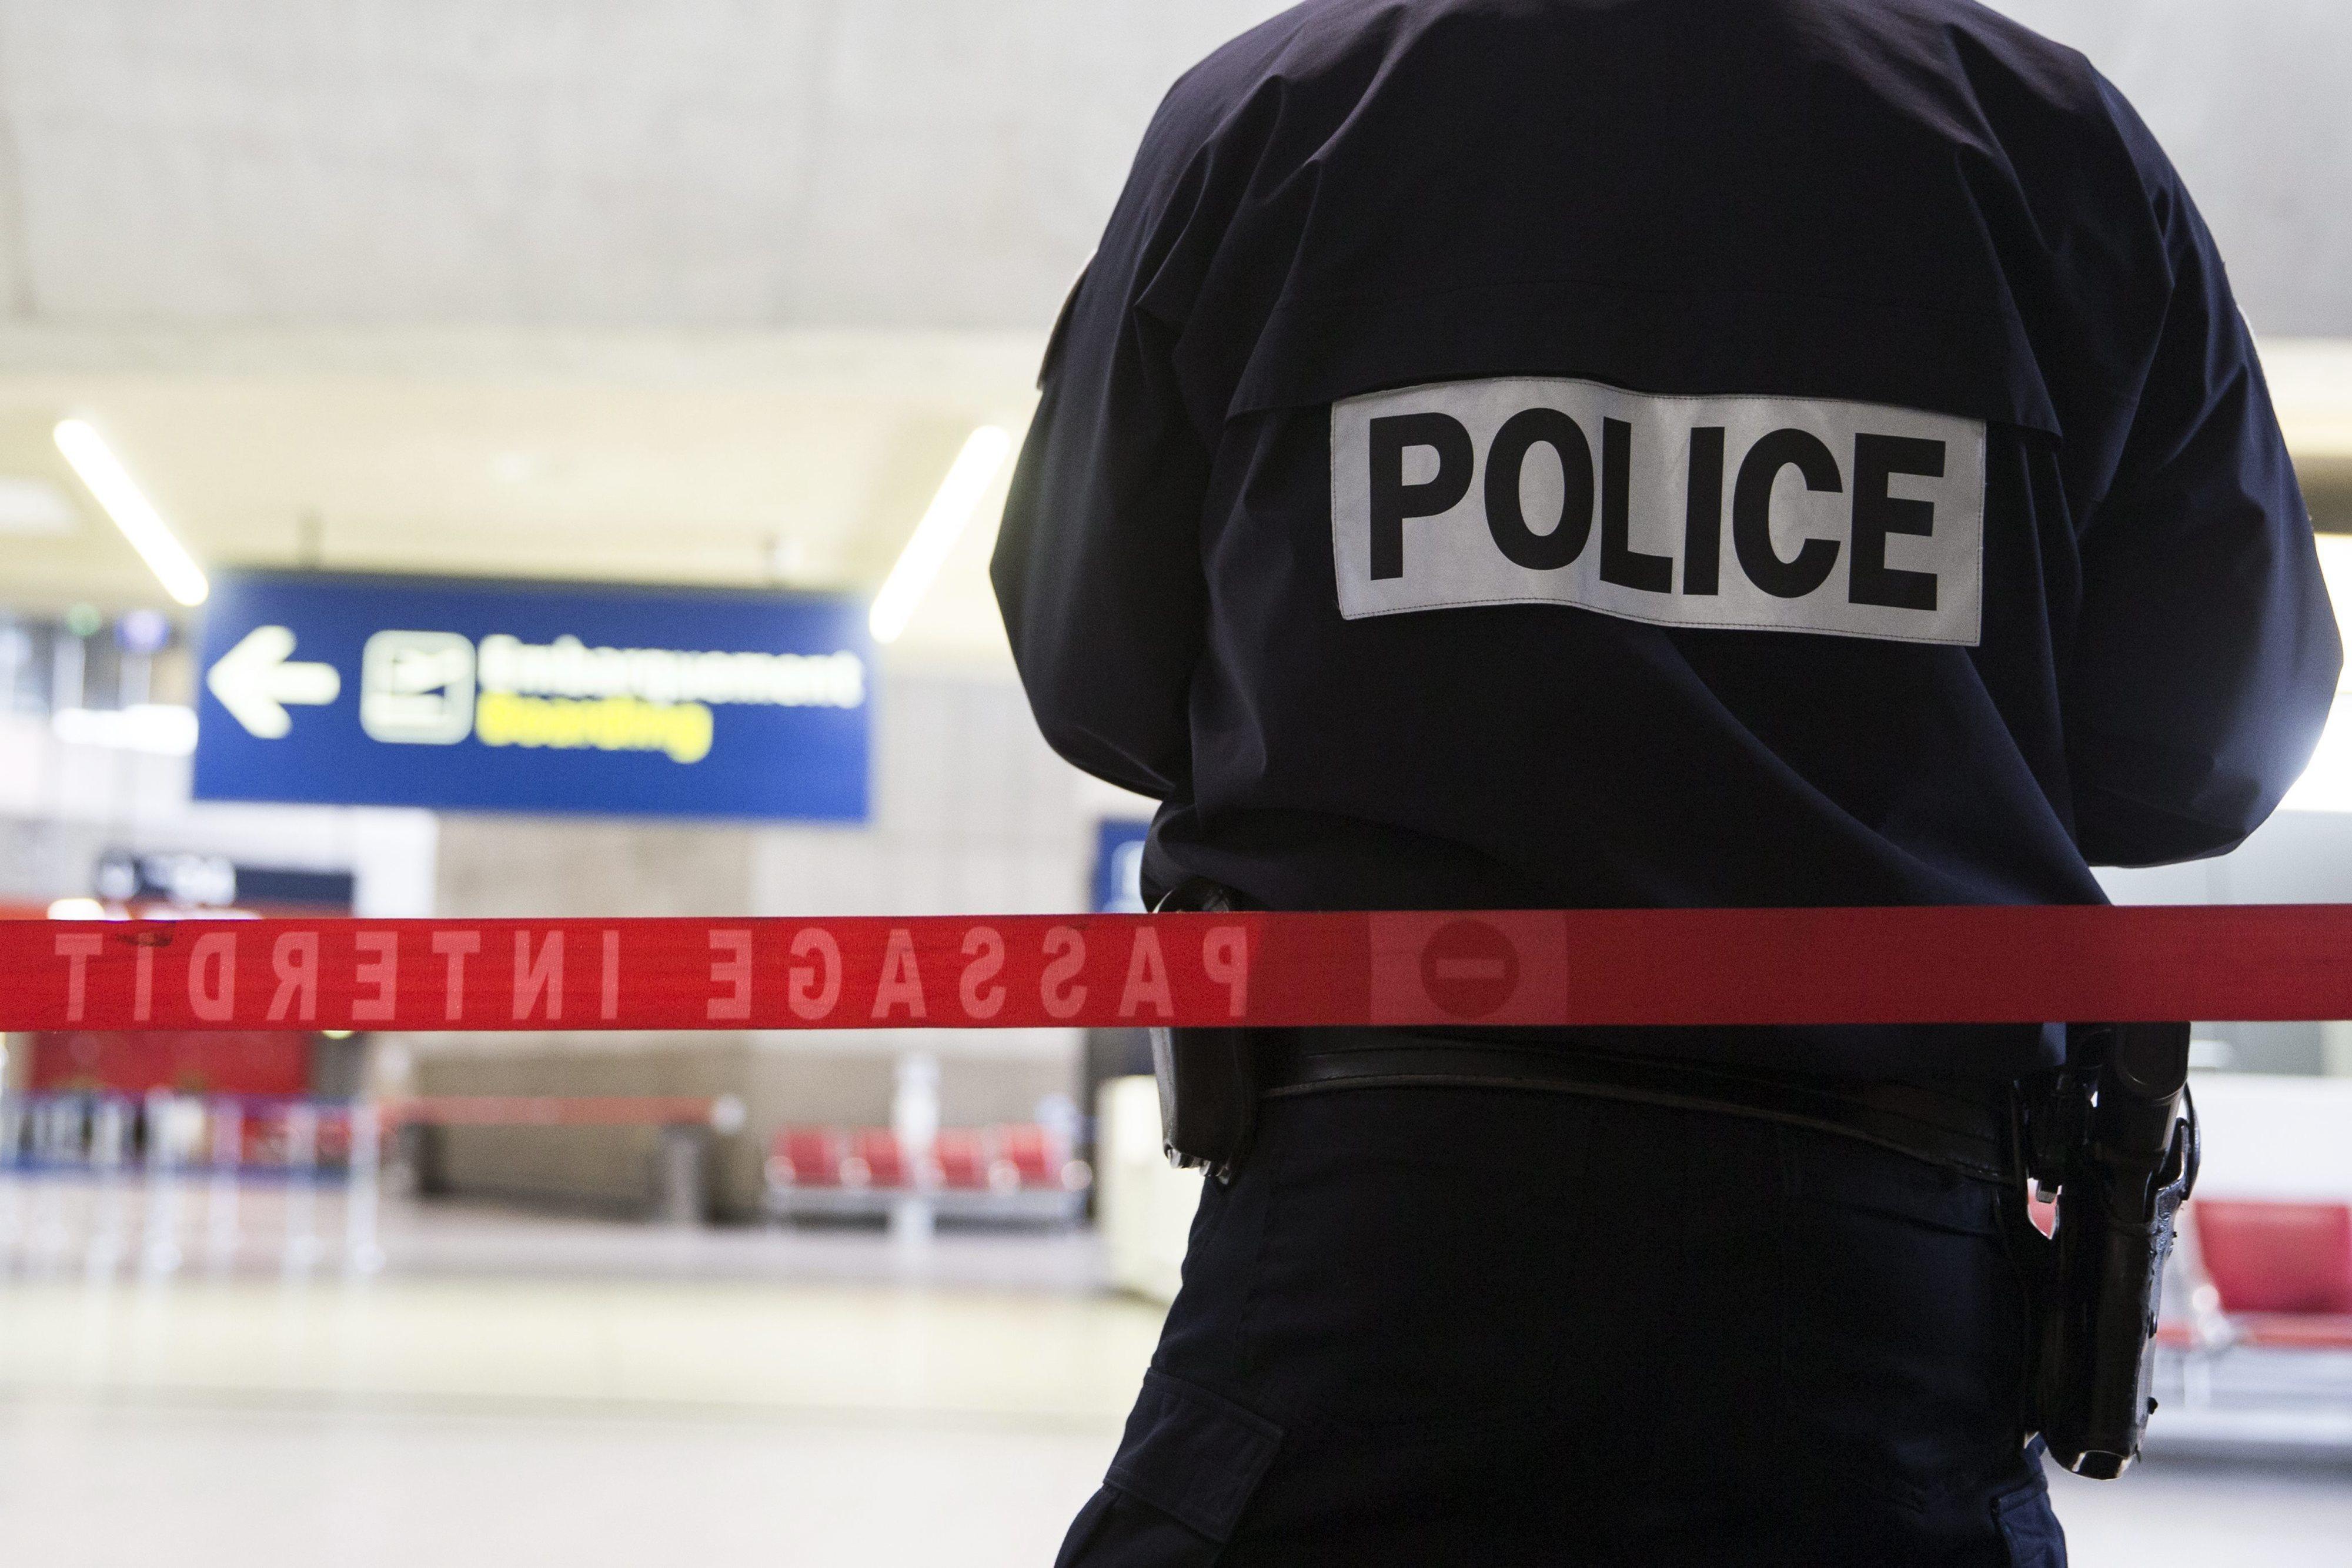 Aumento de suicídios na polícia francesa preocupa sindicatos e governo